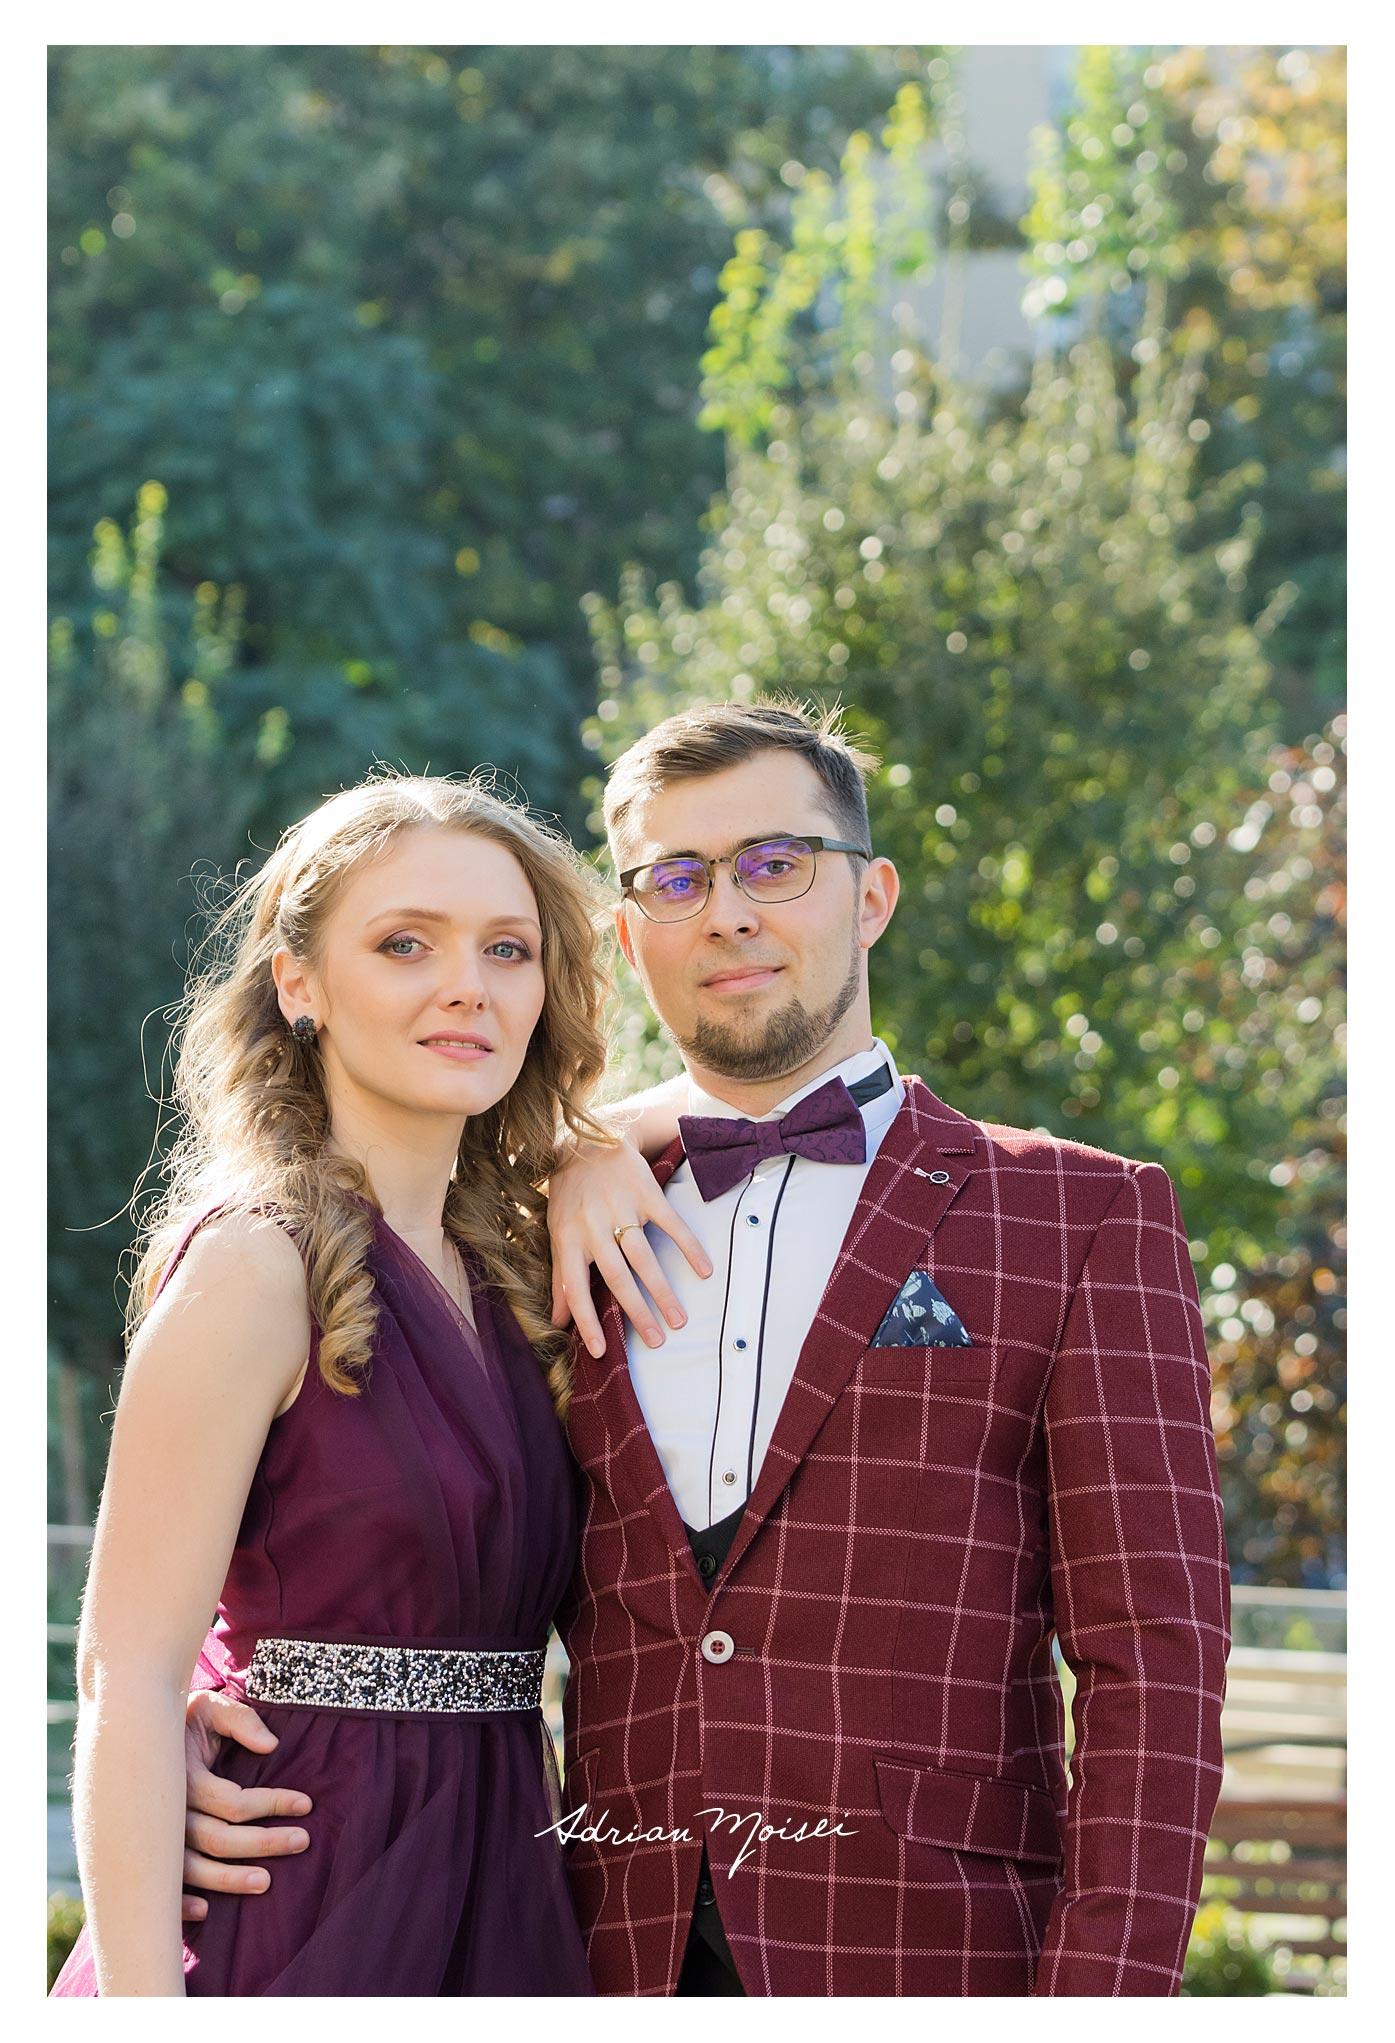 Fotograf de cununie civilă Iași într-o zi caldă de toamnă realizată de fotograf nuntă Iași Adrian Moisei